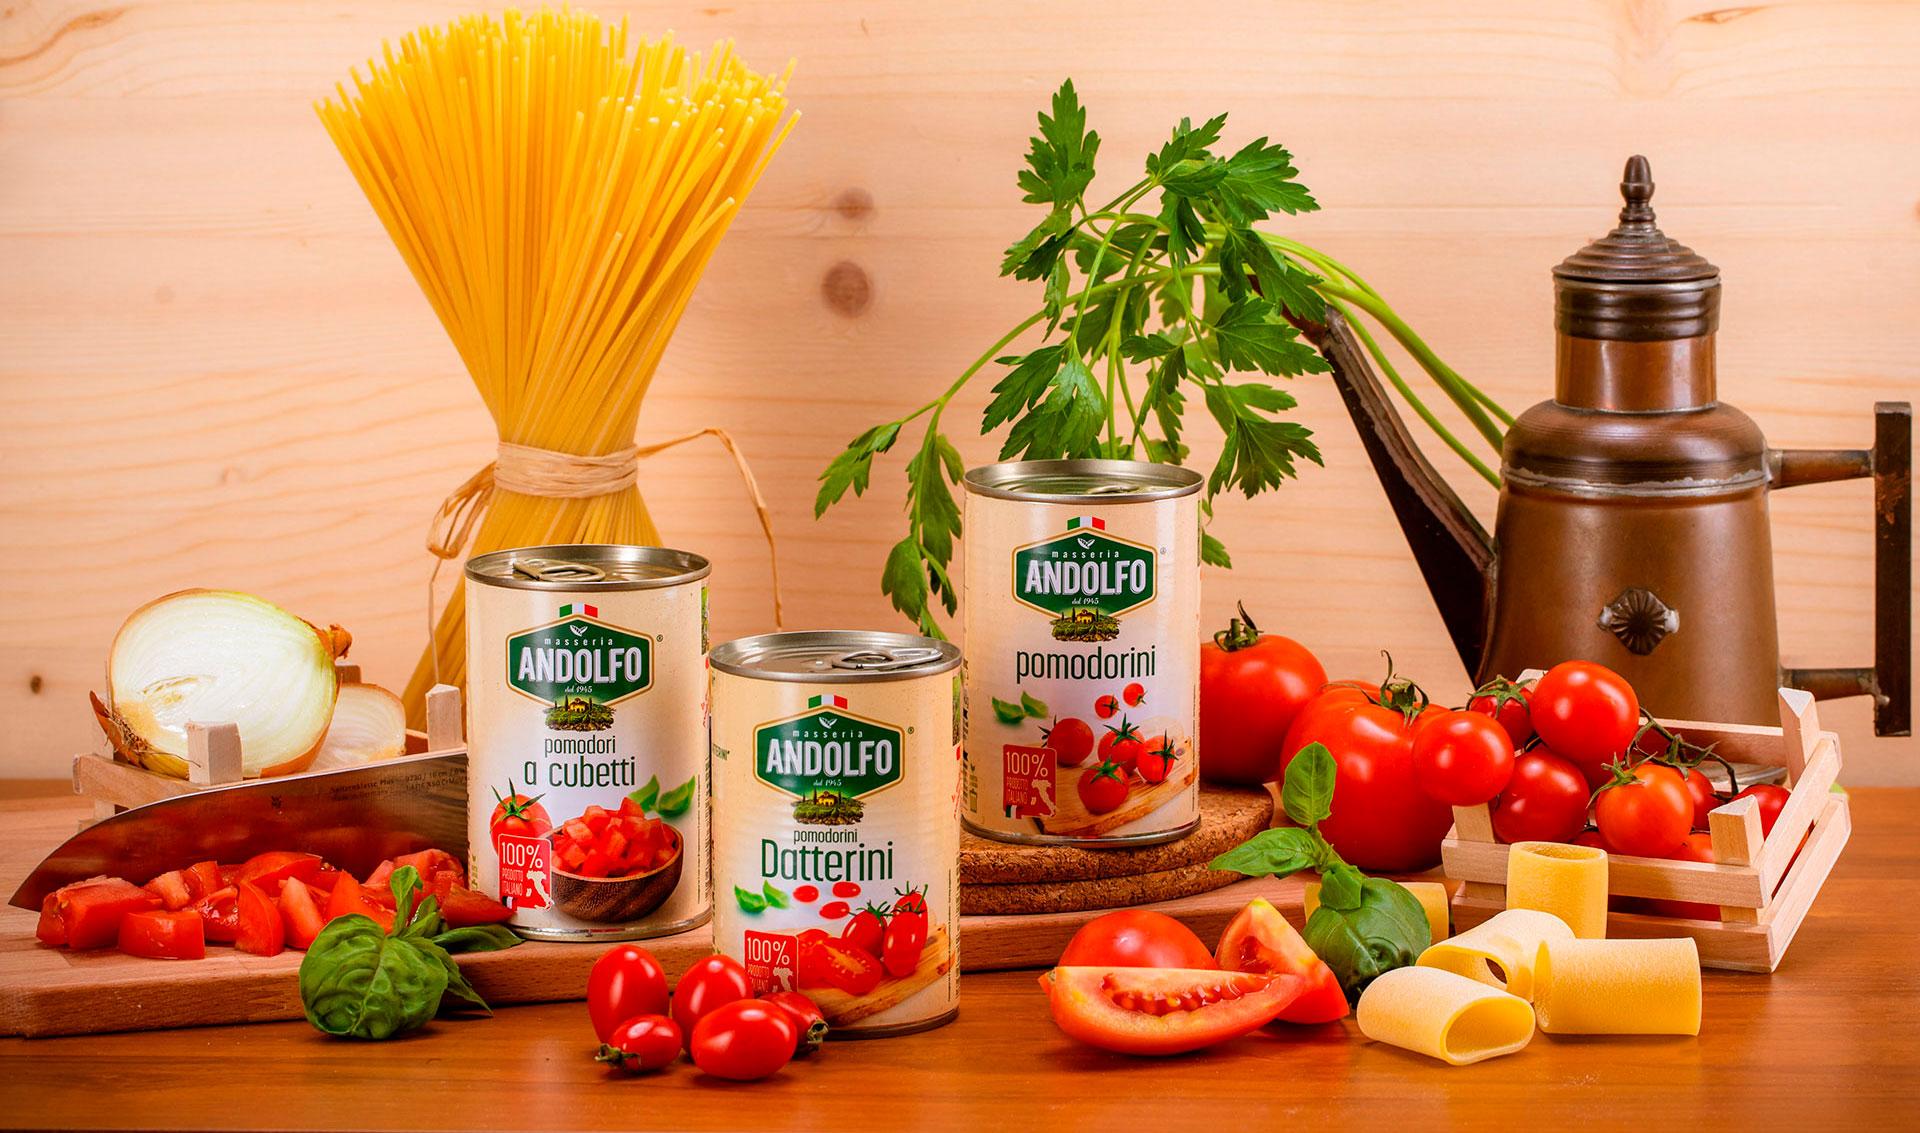 Masseria Andolfo - Datterini - Cubetti - Pomodorini